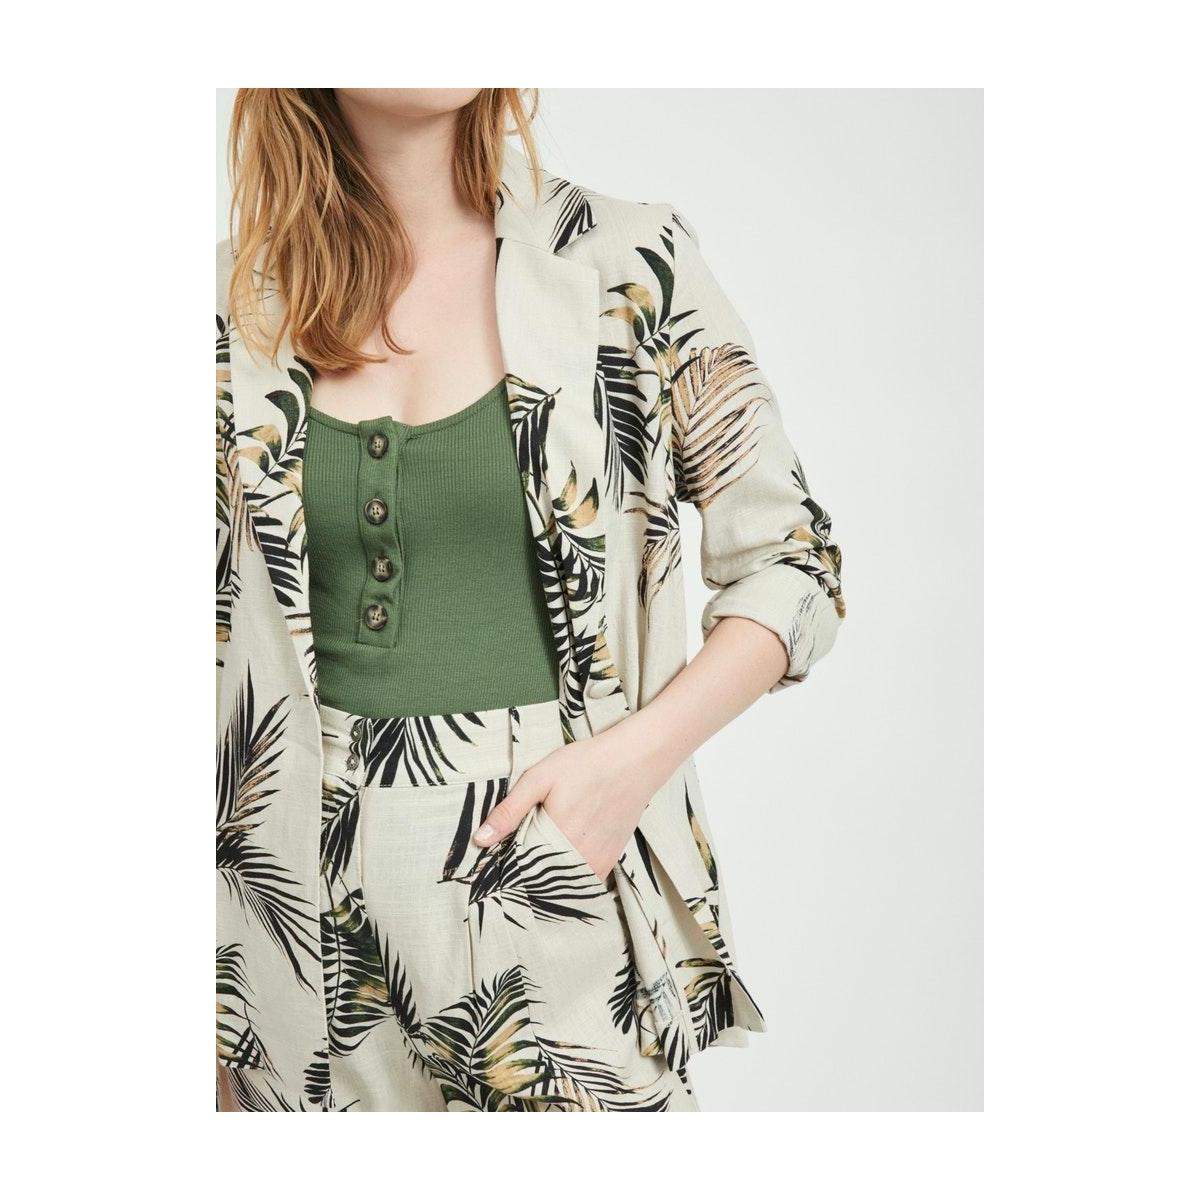 objadil l/s shirt 109 23032781 object blazer sandshell/burnt olive